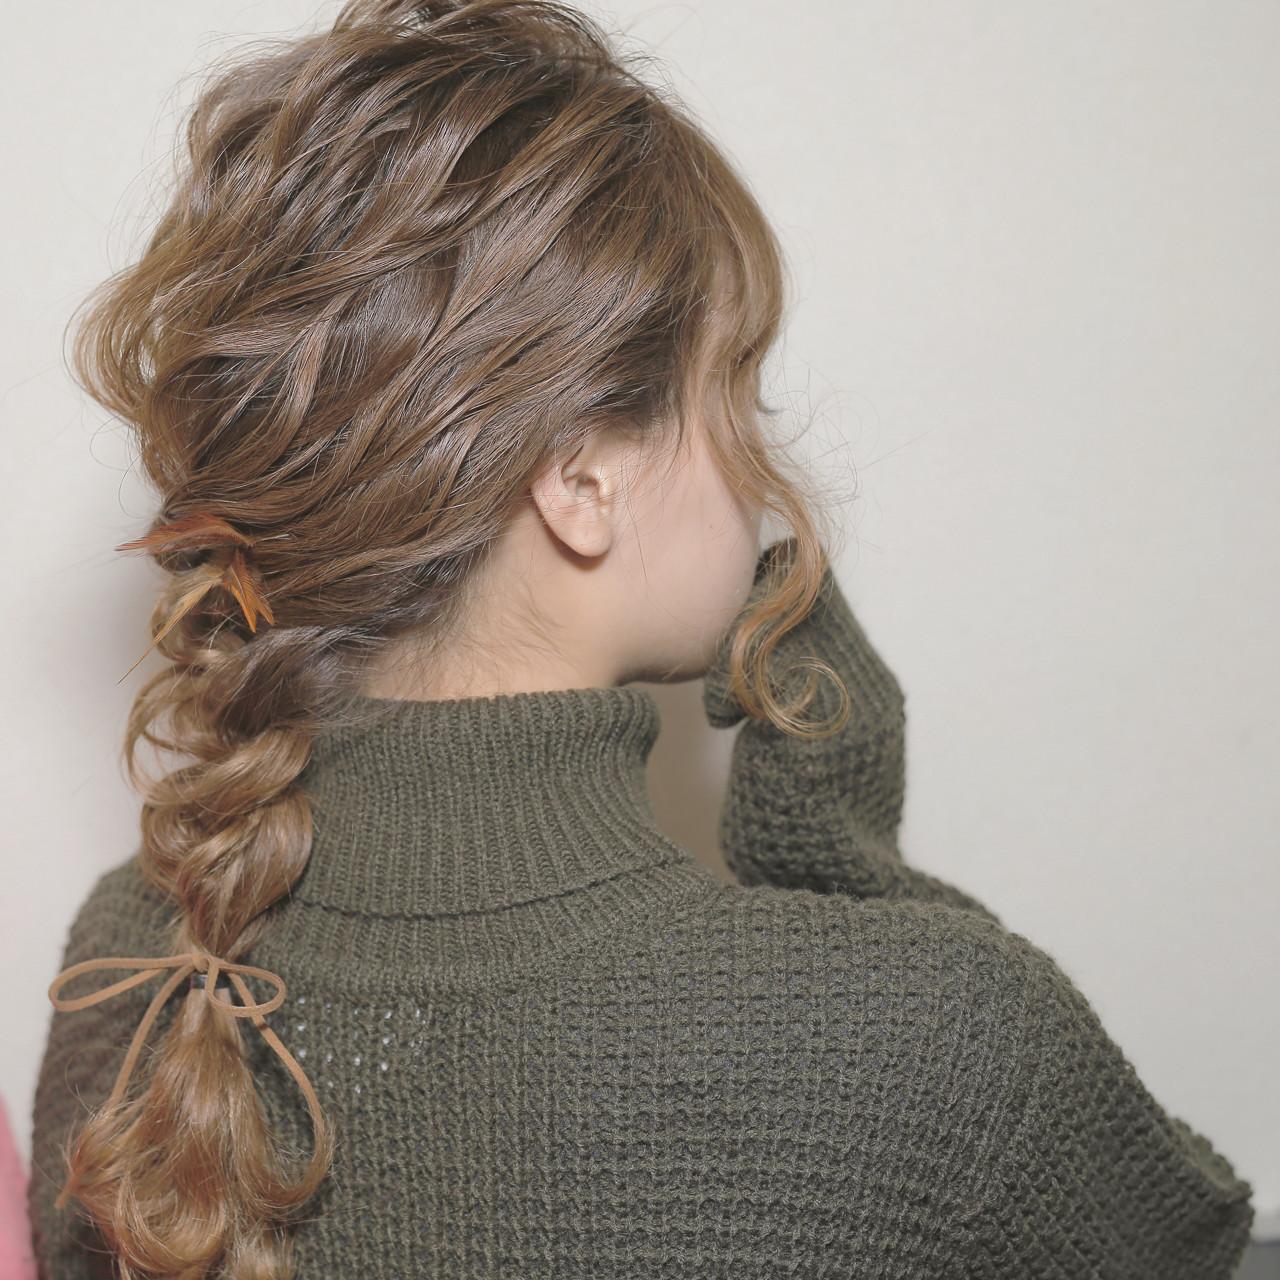 フェミニン セミロング モテ髪 ヘアアレンジ ヘアスタイルや髪型の写真・画像 | chiaki / magnet hair